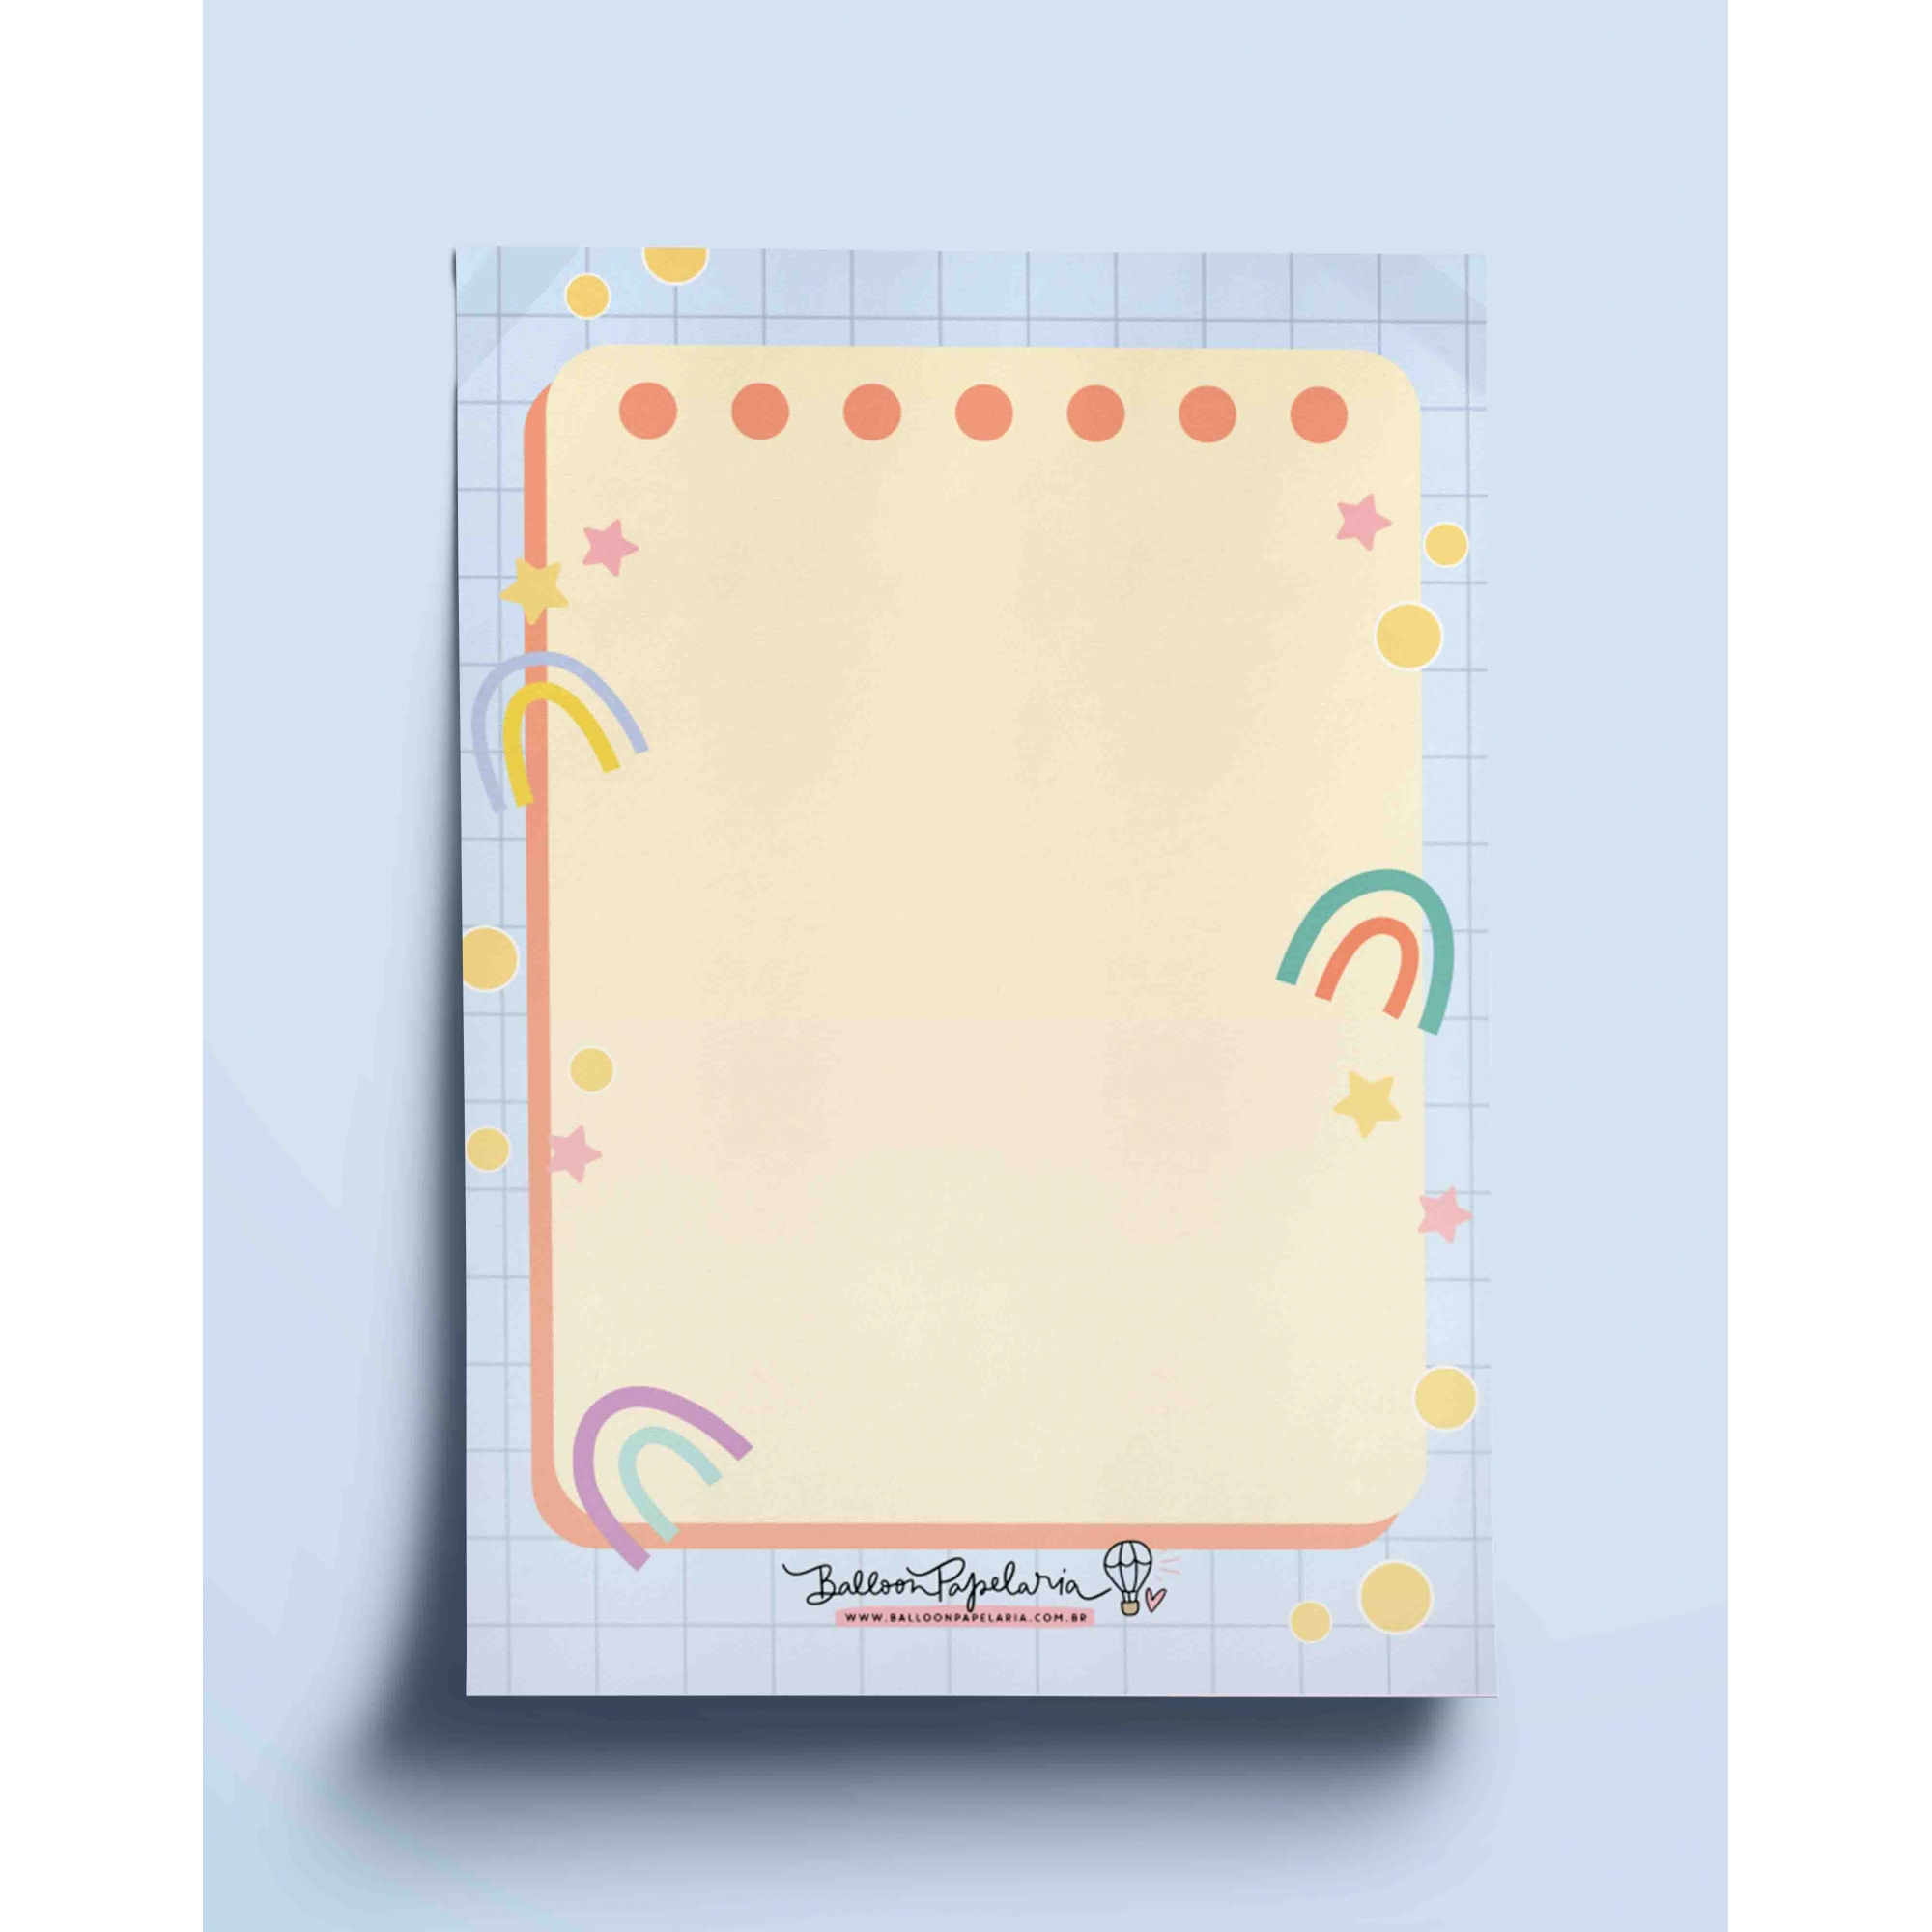 Bloco anotações - arco íris